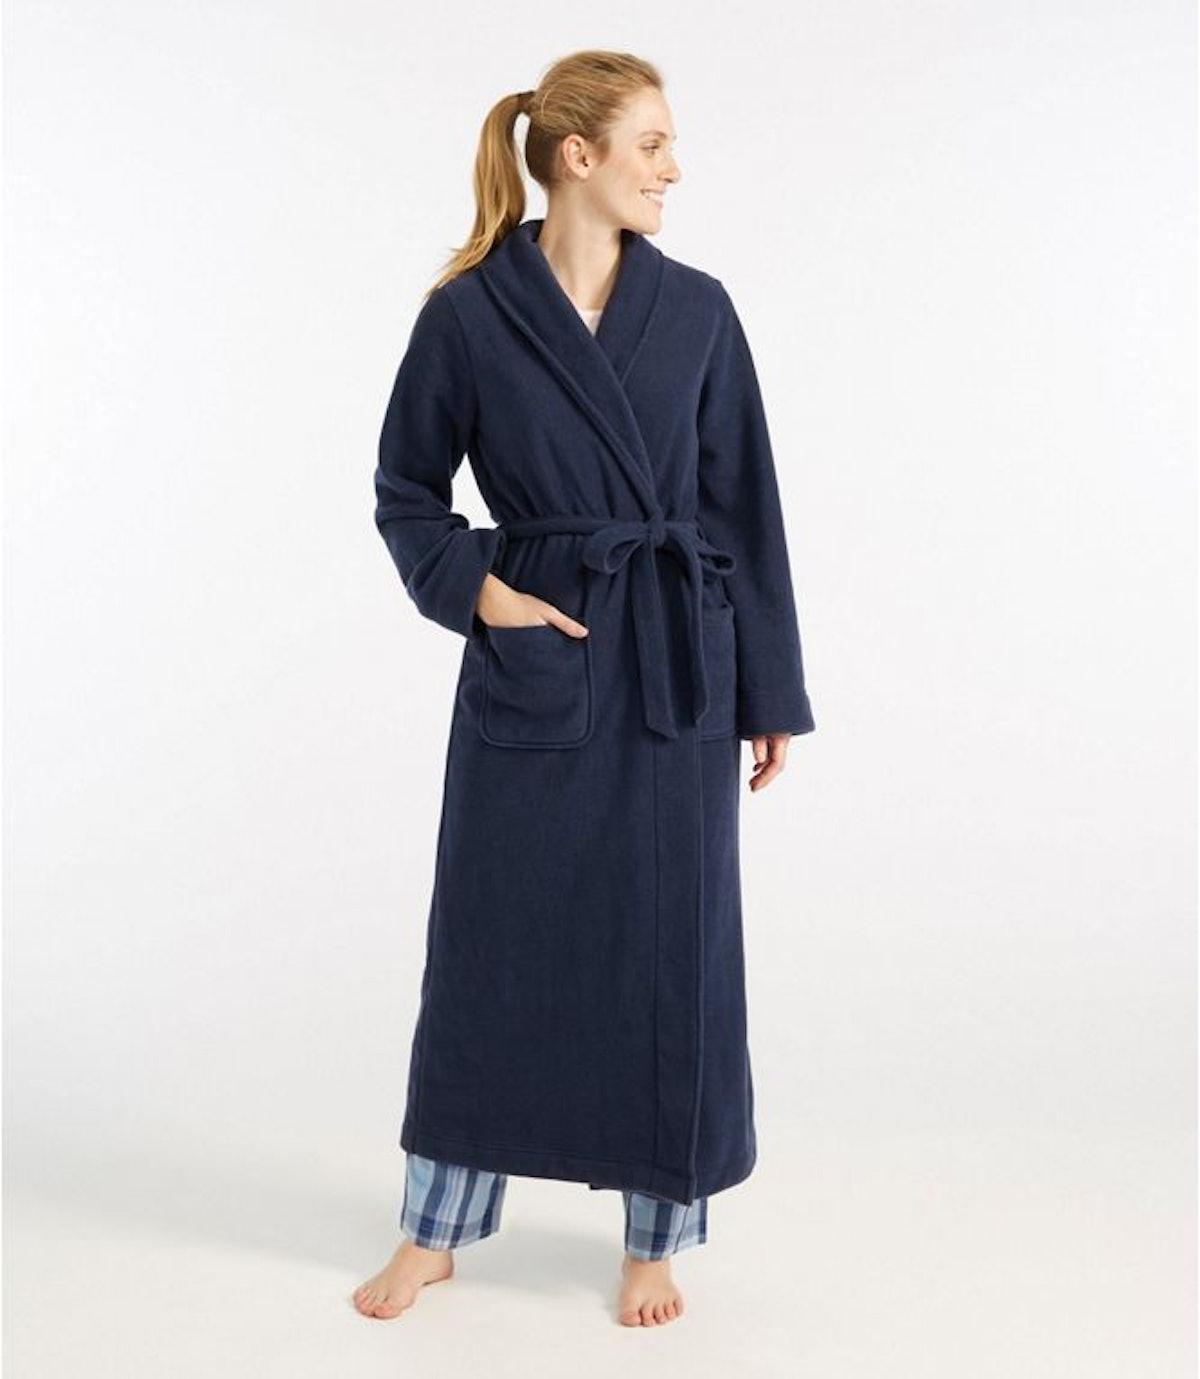 L.L. Bean Women's Winter Fleece Robe, Wrap-Front